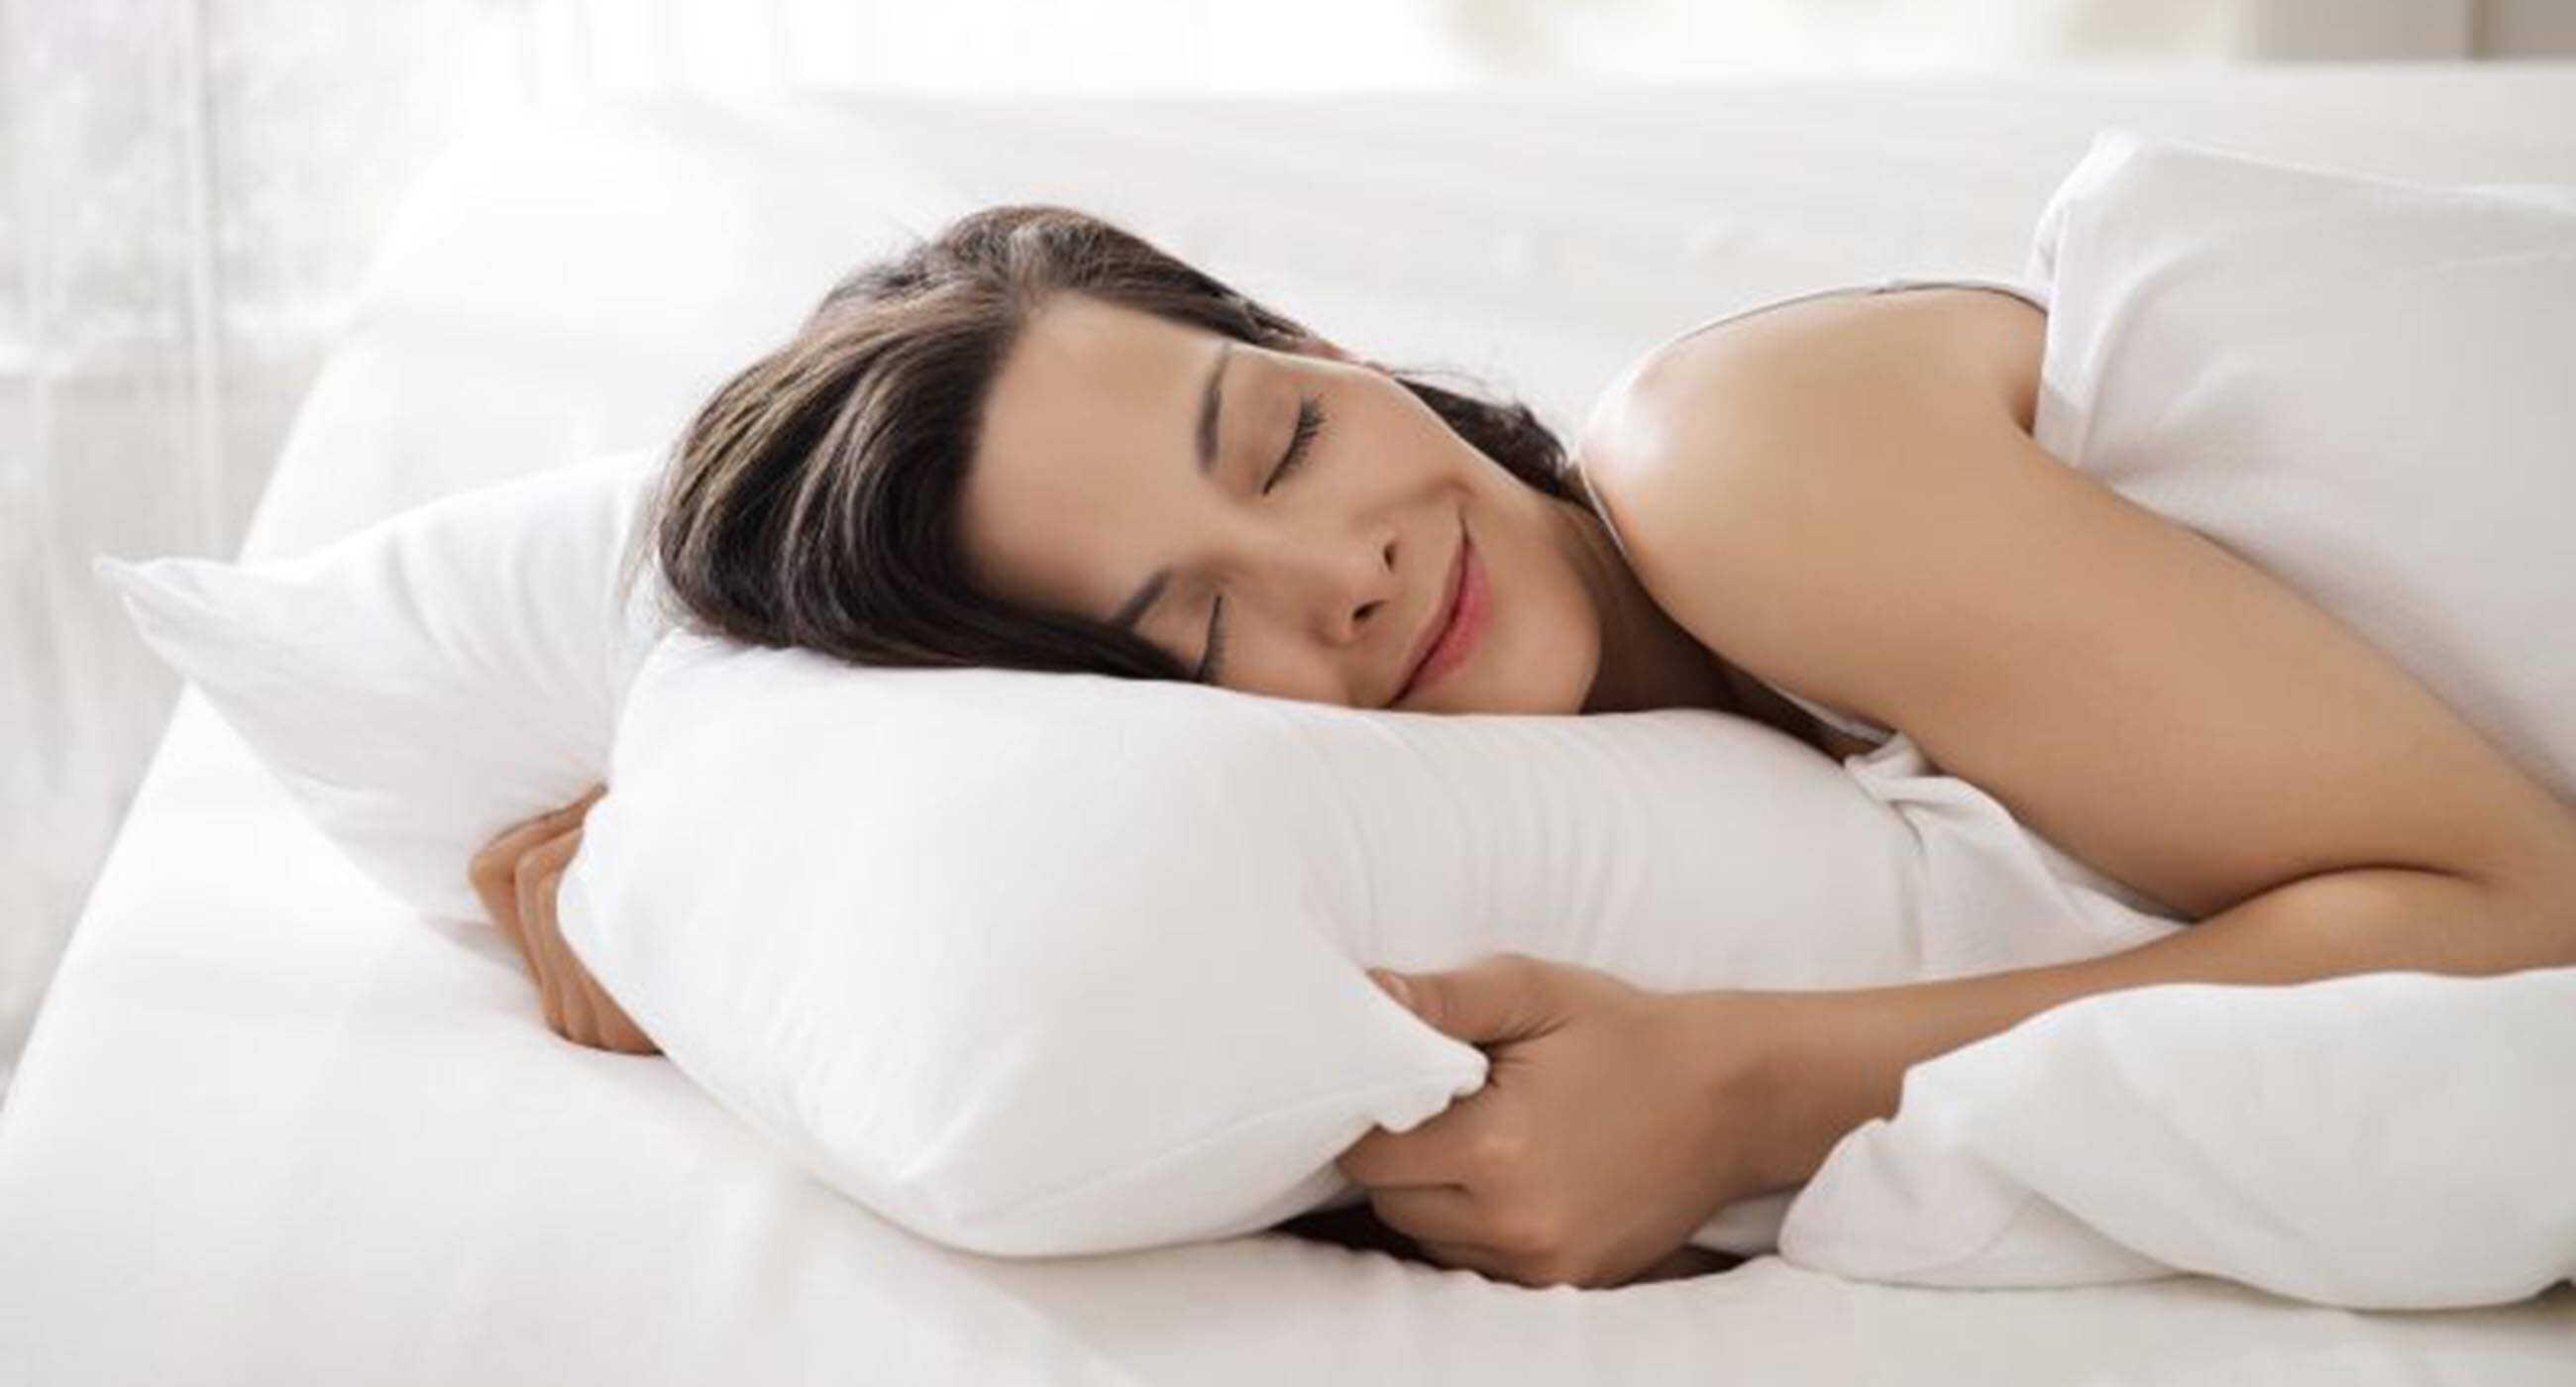 6- كيف أنقص وزني : النوم جيدا وتجنب الإجهاد